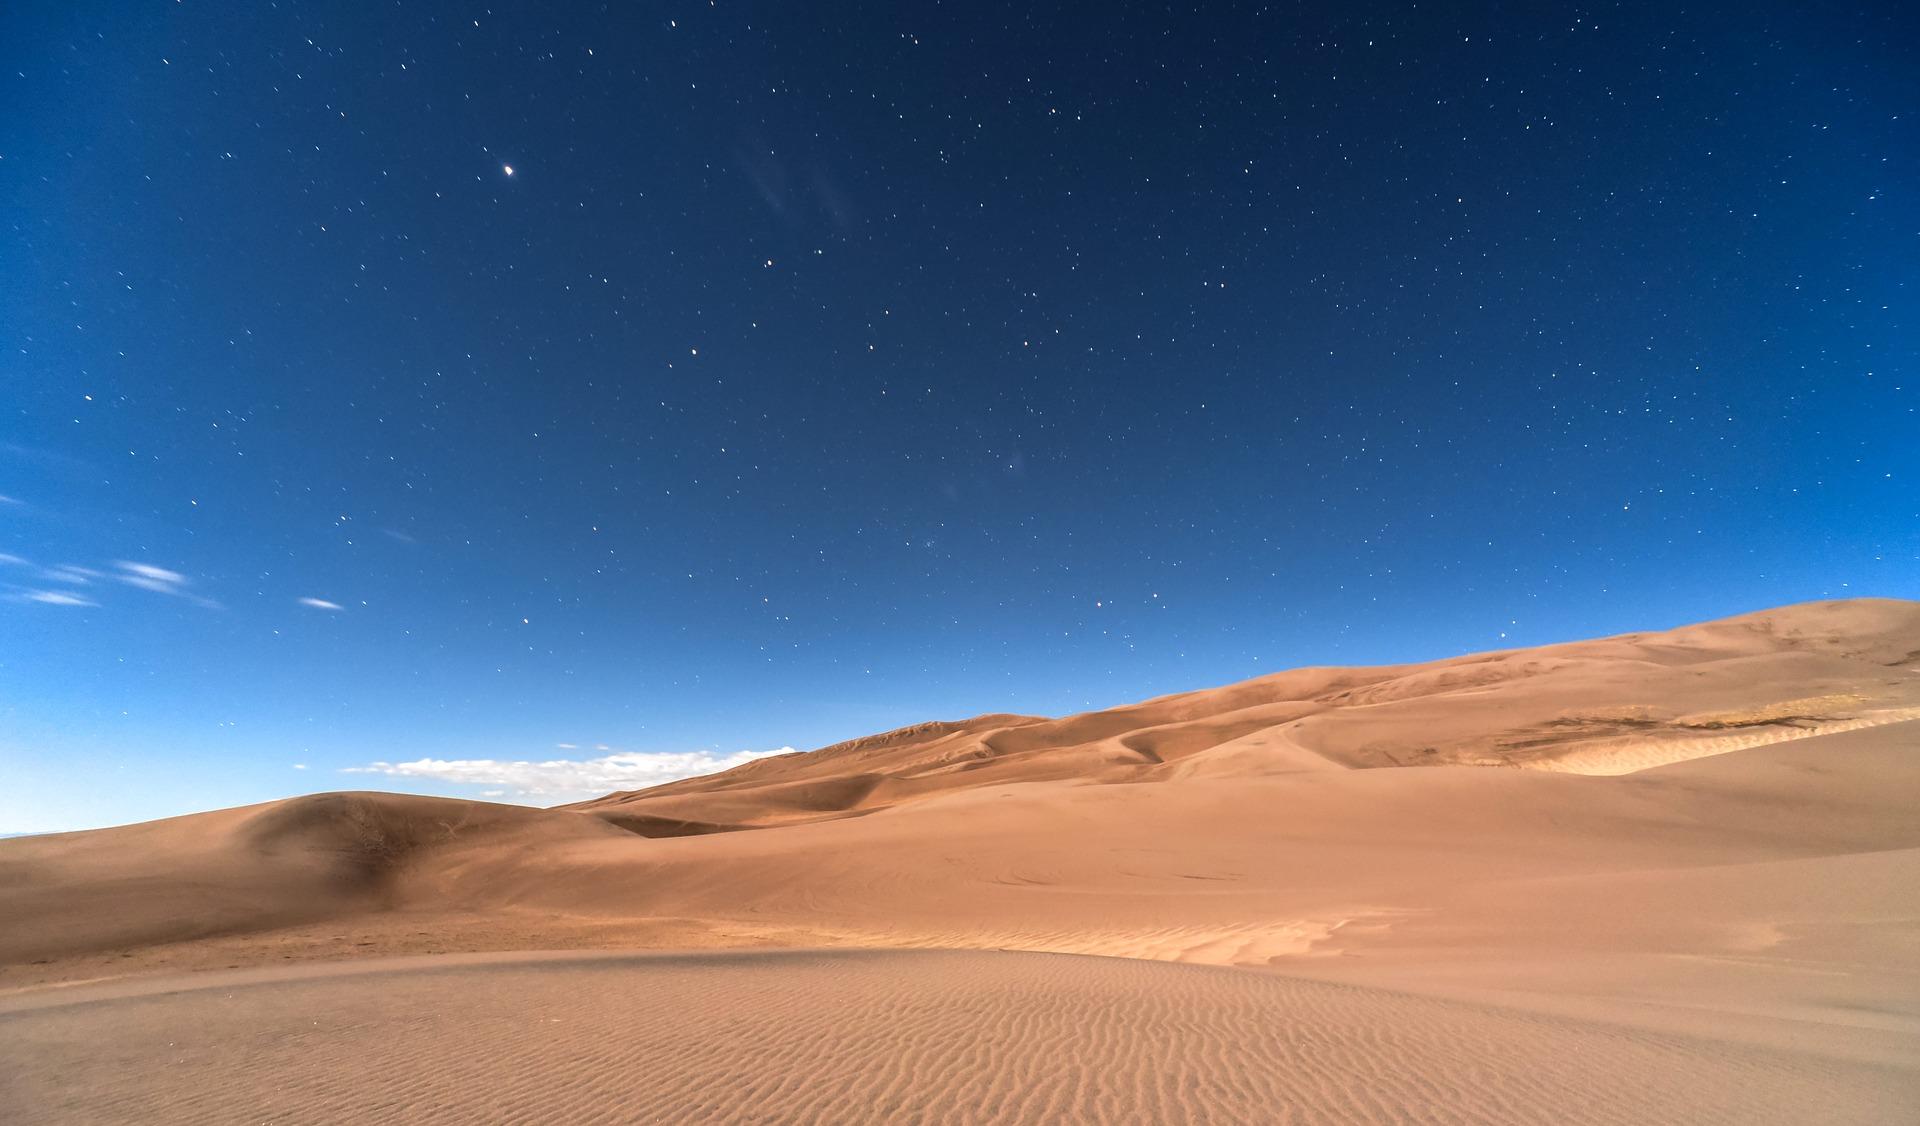 viaggio-avventura-deserto-sahara